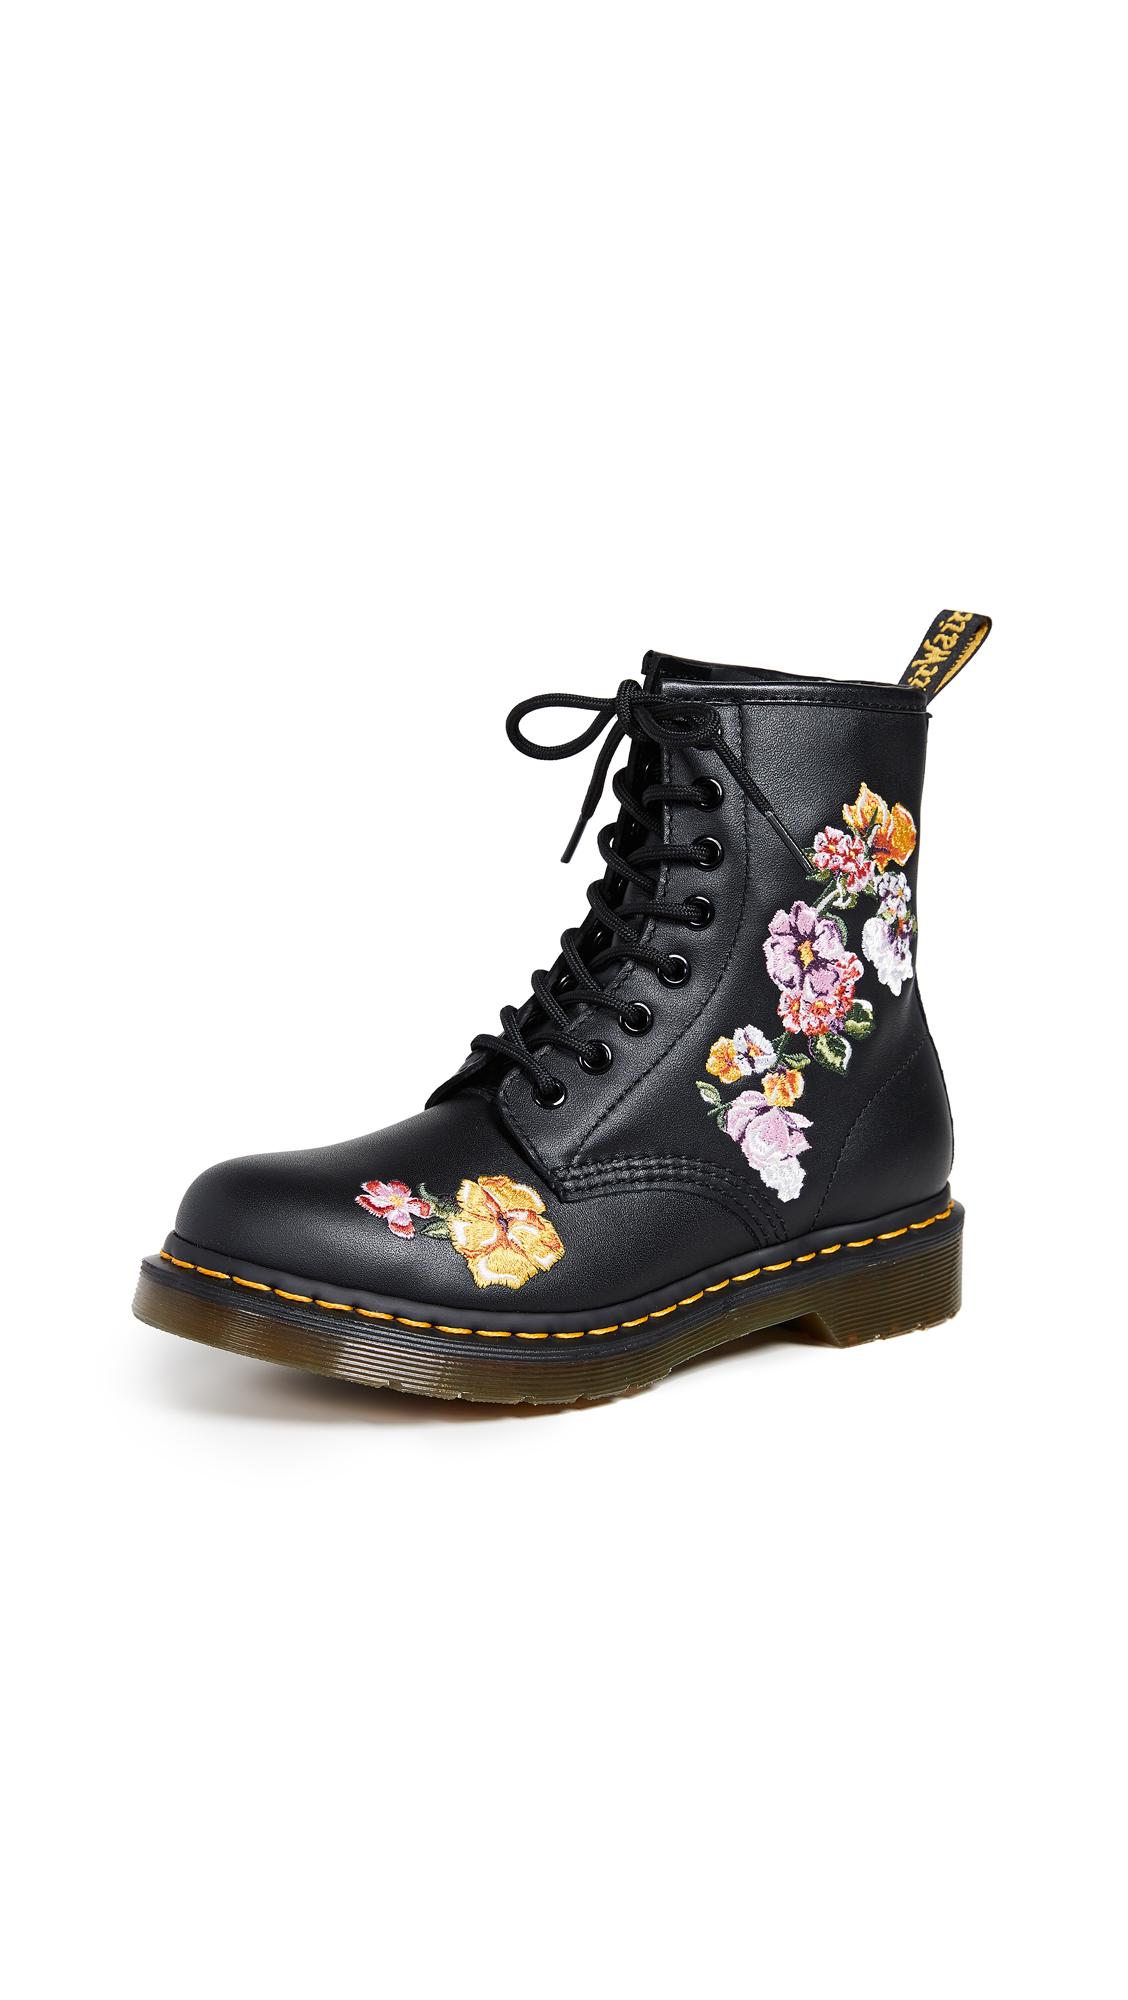 Dr. Martens 1460 Vonda II 8 Eye Boots - Black